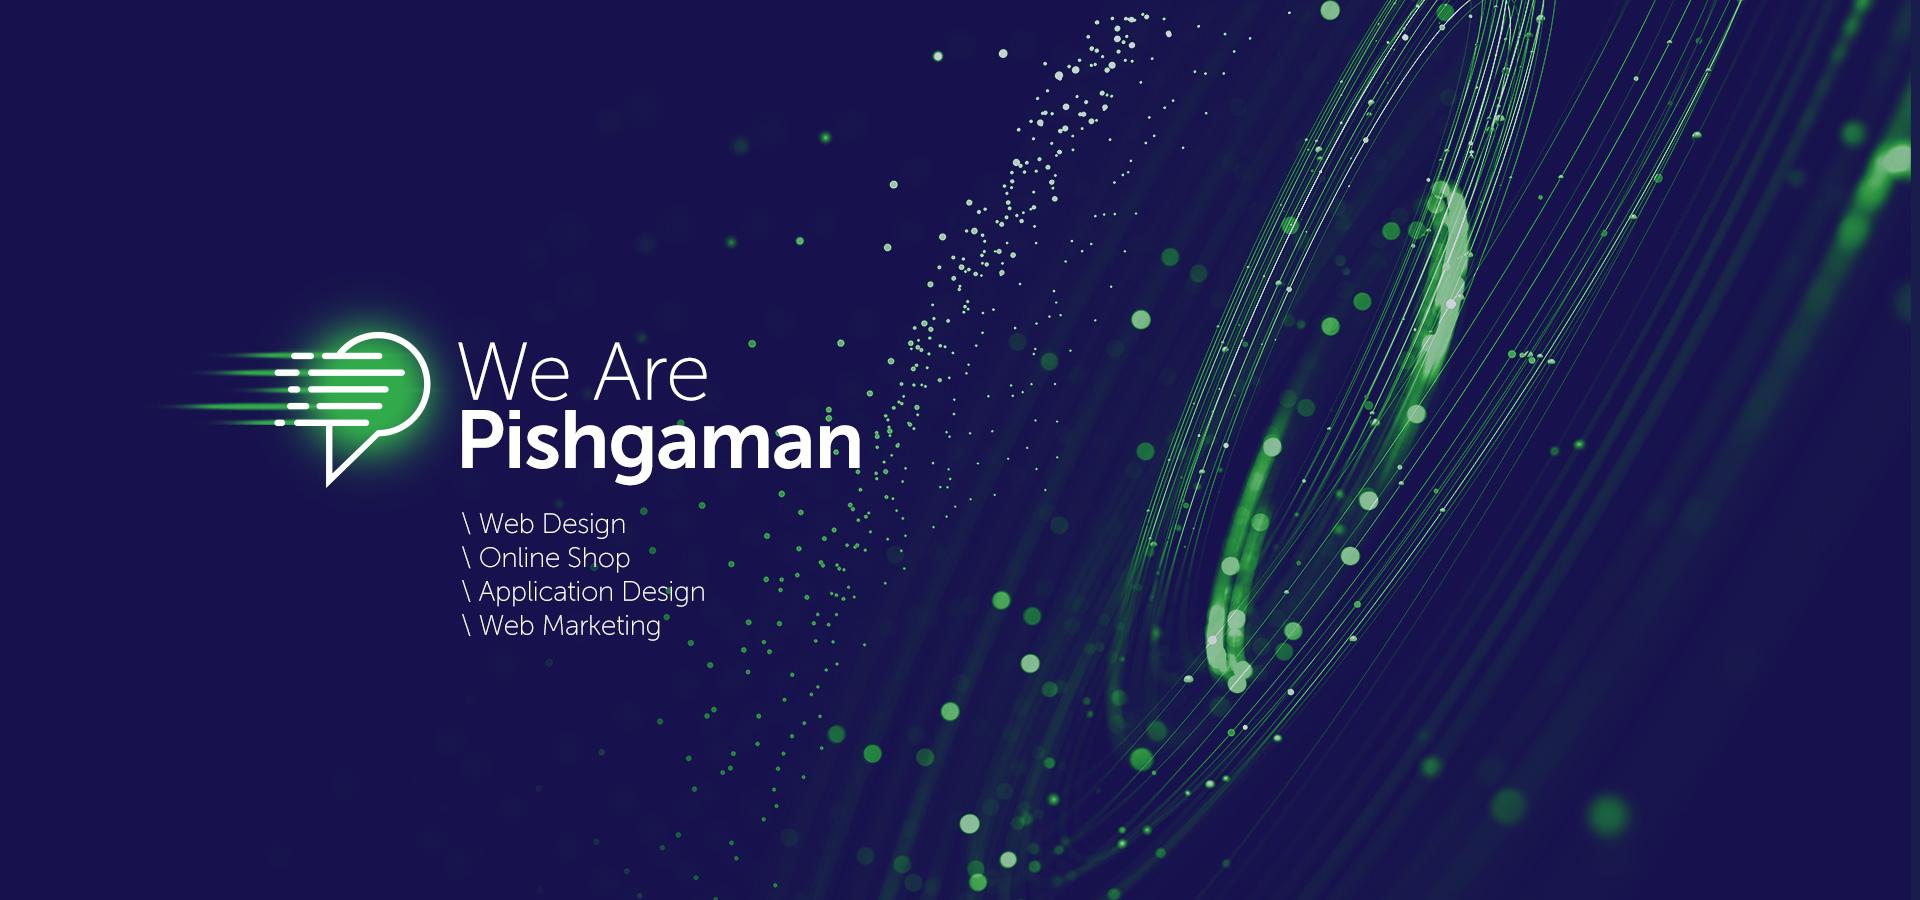 we are pishgaman